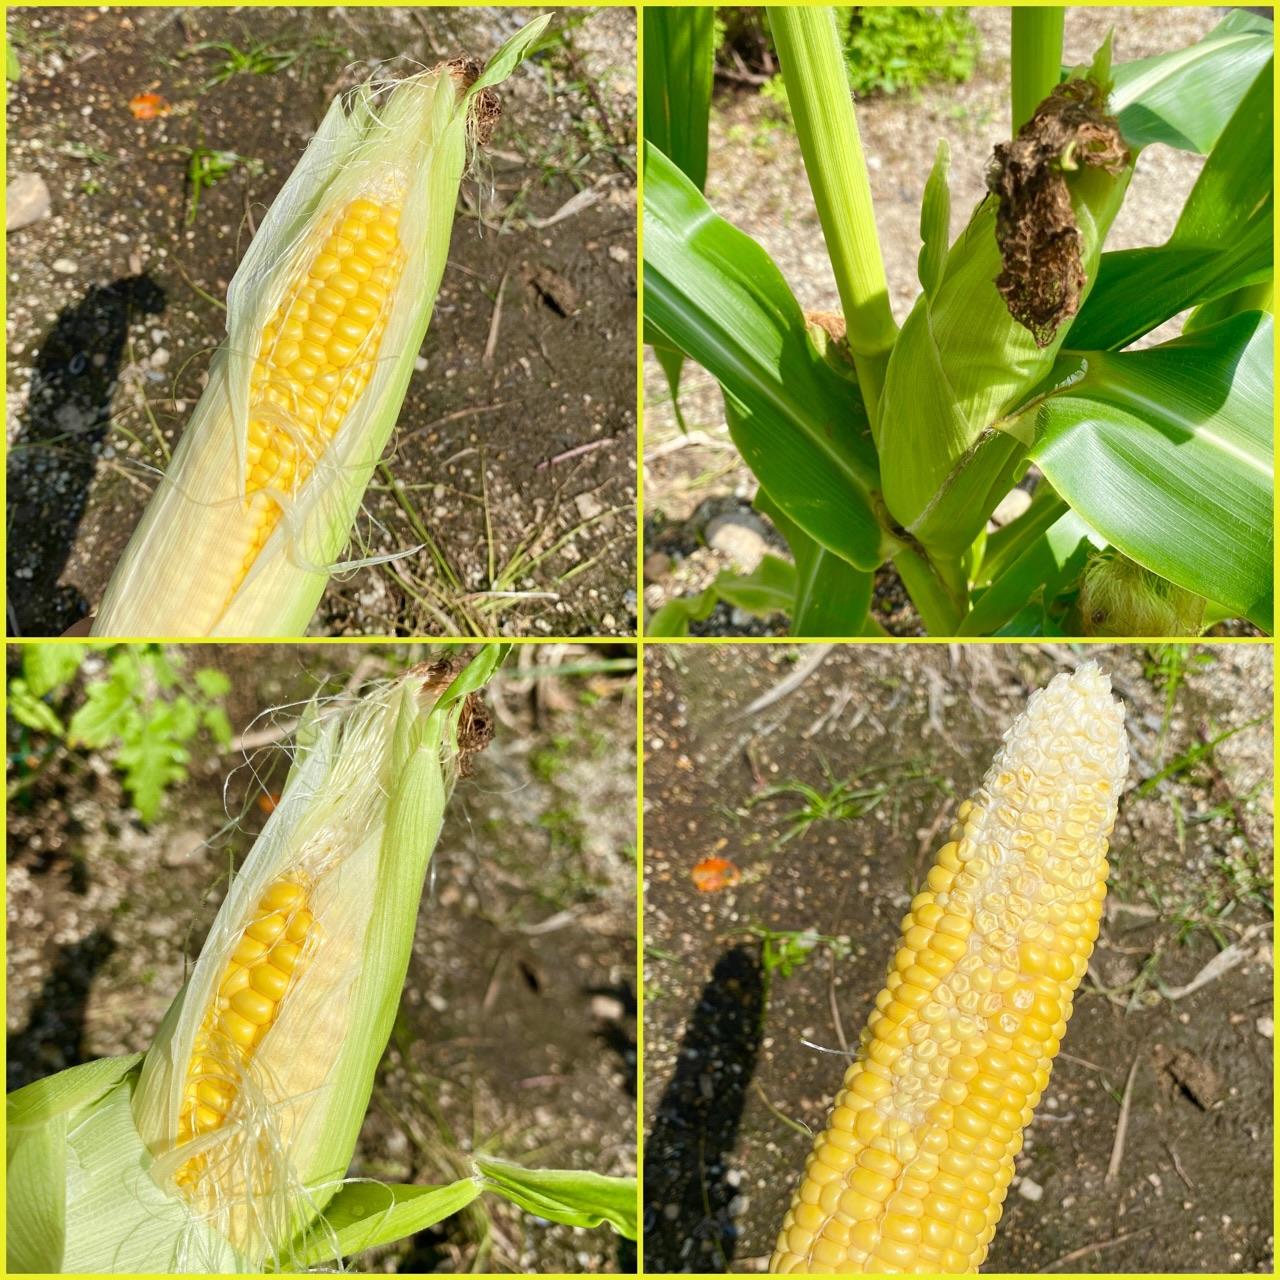 庭で育てていたトウモロコシ ゴールドラッシュを初収穫。表側は綺麗に粒が揃ってた。裏側はちょっといまいち(;・∀・) https://t.co/e611LaHxLv